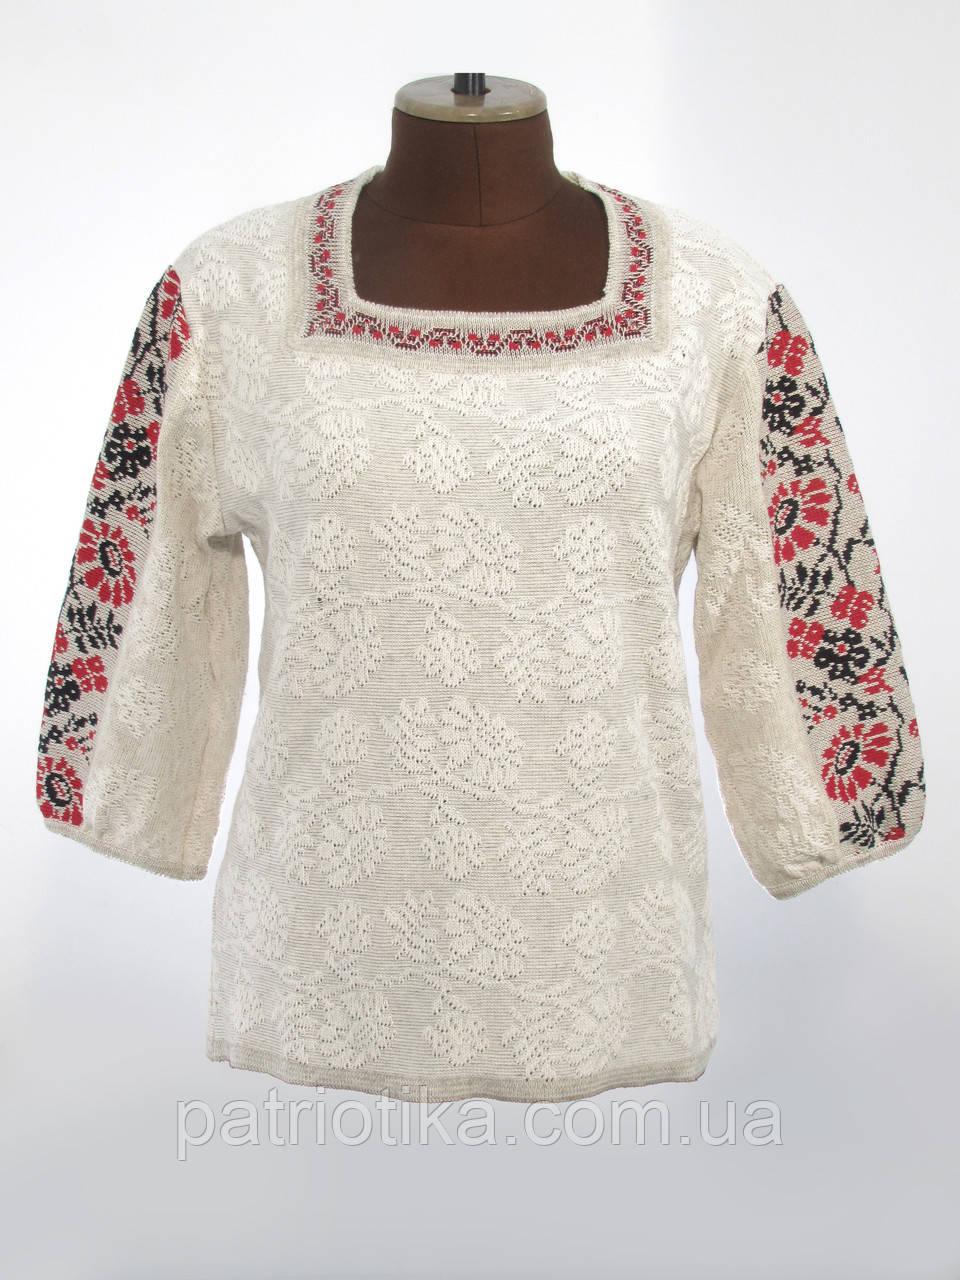 Стильная женская вязаная вышиванка | Стильна жіноча в'язана вишиванка